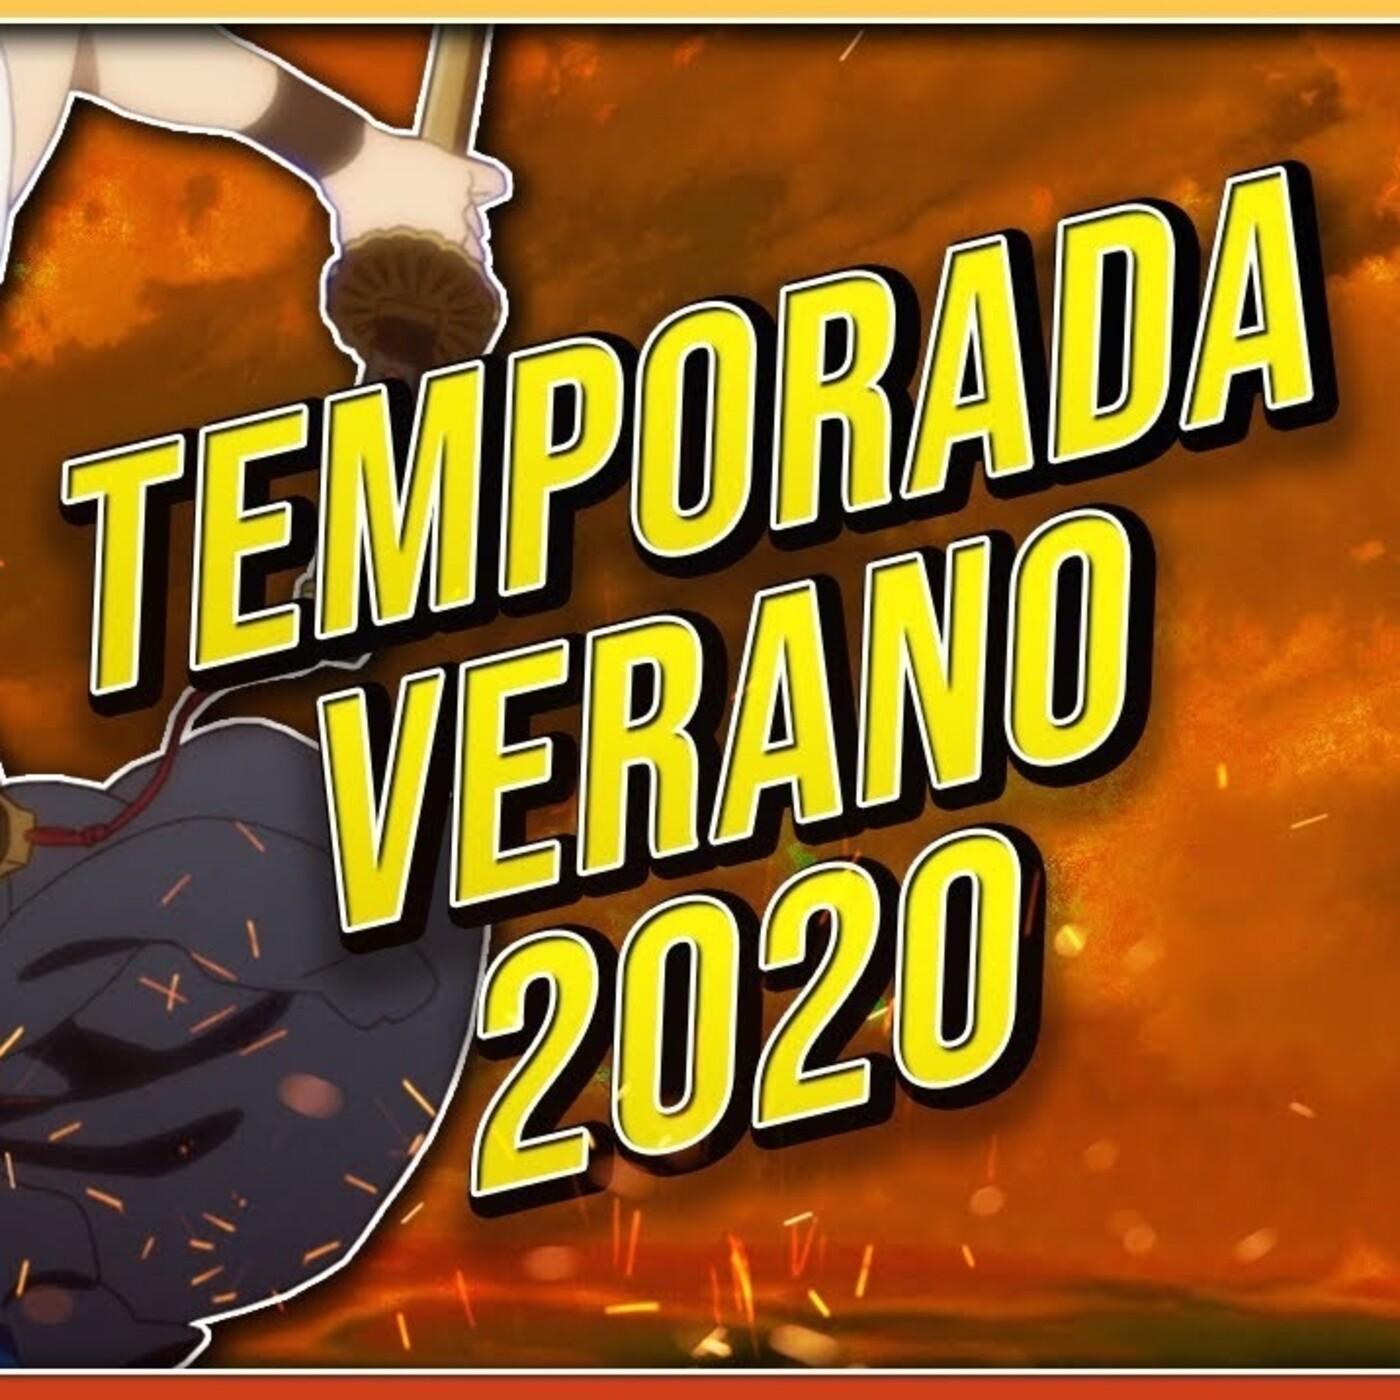 DESMADRugada (2020) - 014 - MIS RECOMENDACIONES DE ANIME VERANO 2020